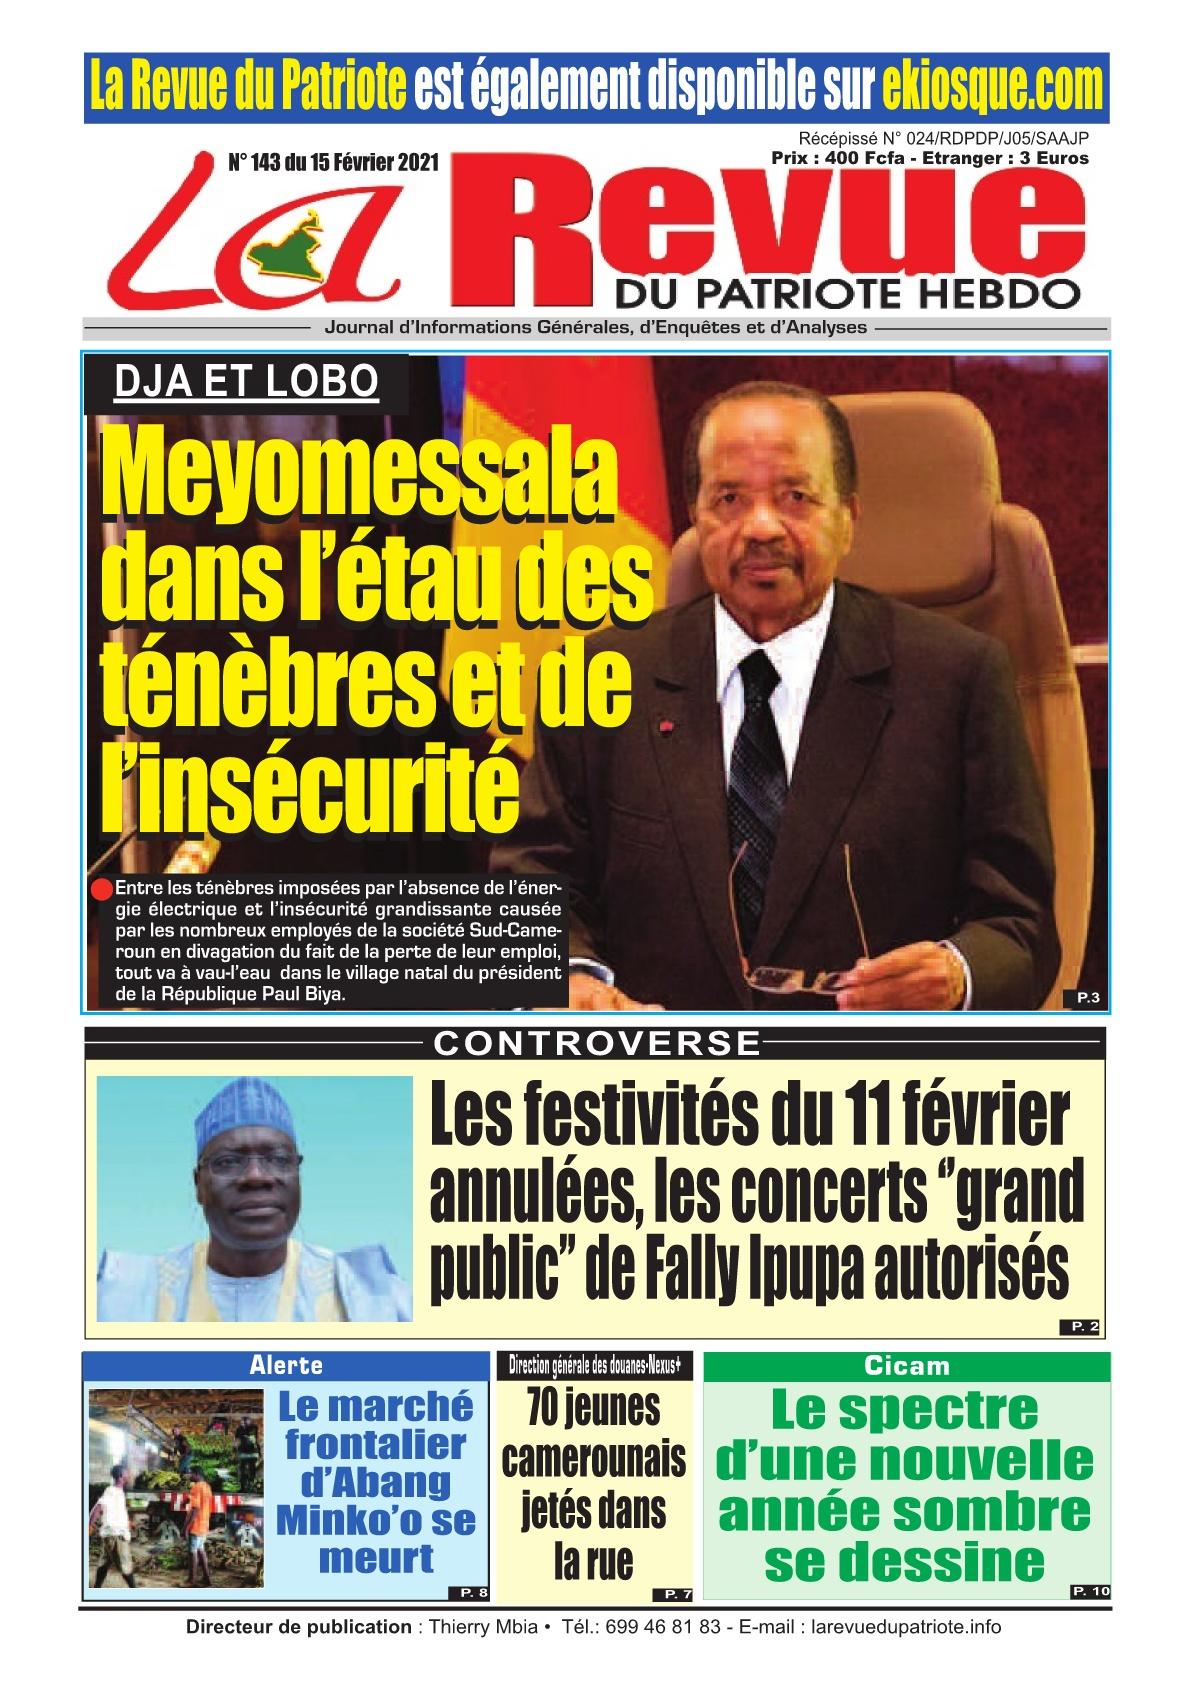 La Revue du Patriote - 15/02/2021